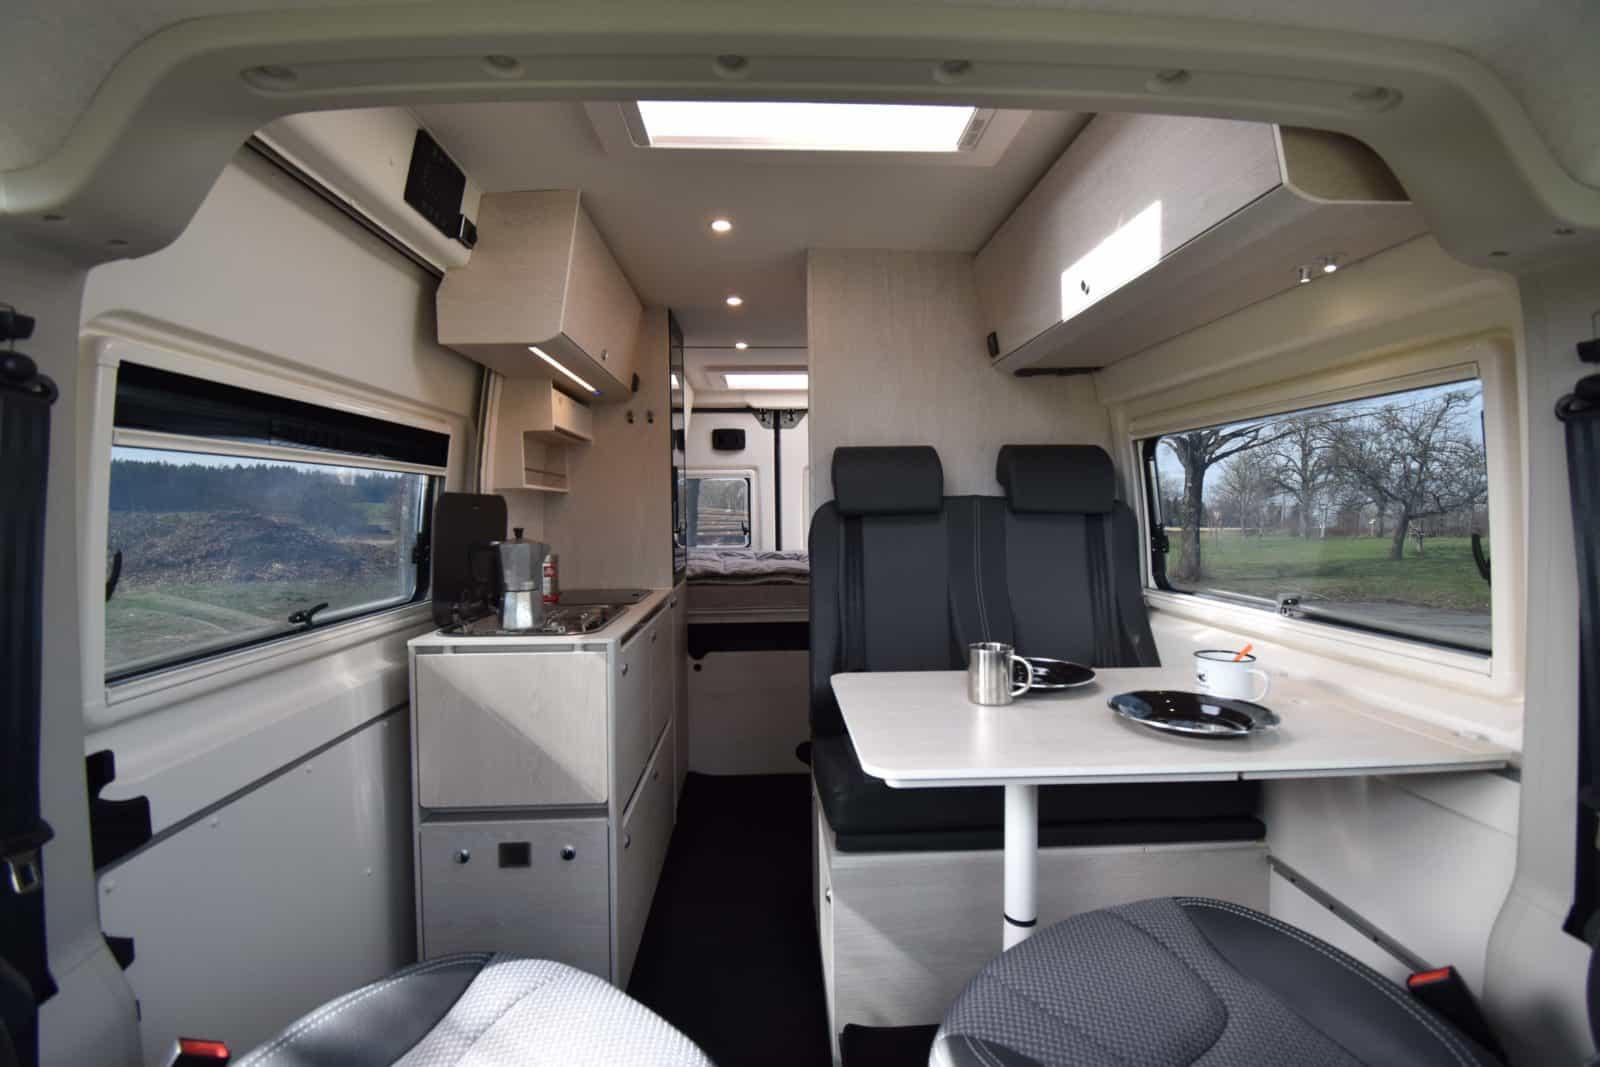 Tourne Mobil 425 Im Test Alles Inklusive Campervans Magazin